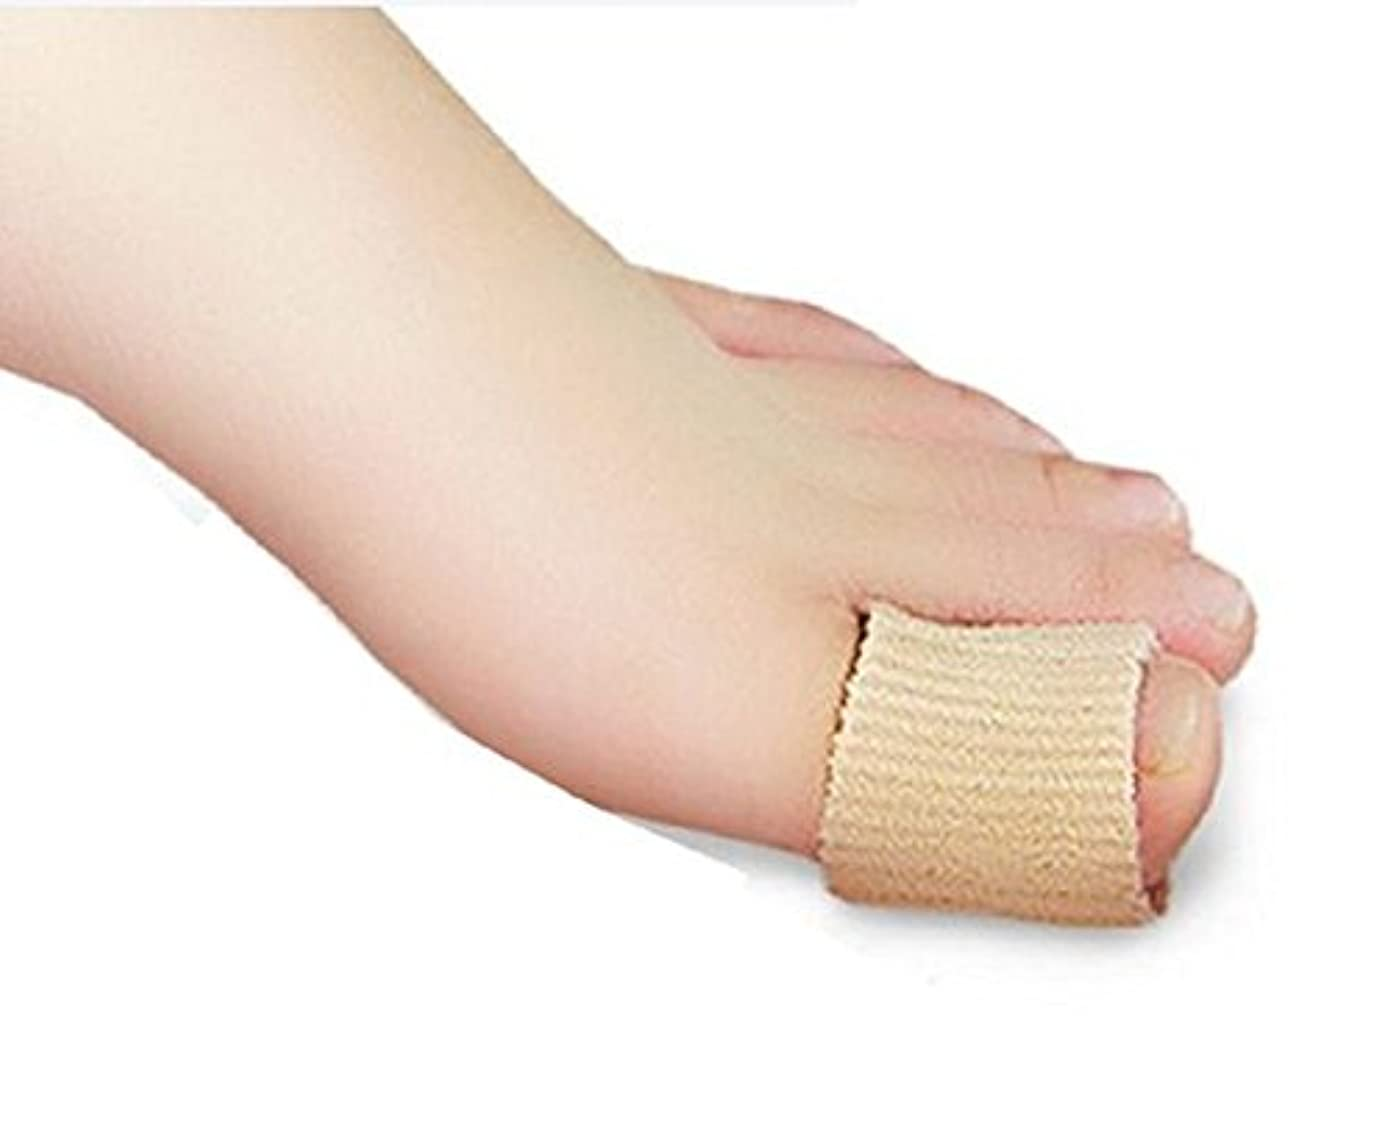 合併症専門化する必要条件I BECOME FREE 足指保護パッド 手の指 突き指 足まめ マメ 水虫 腫れ 内部のジェルで優しく包みます